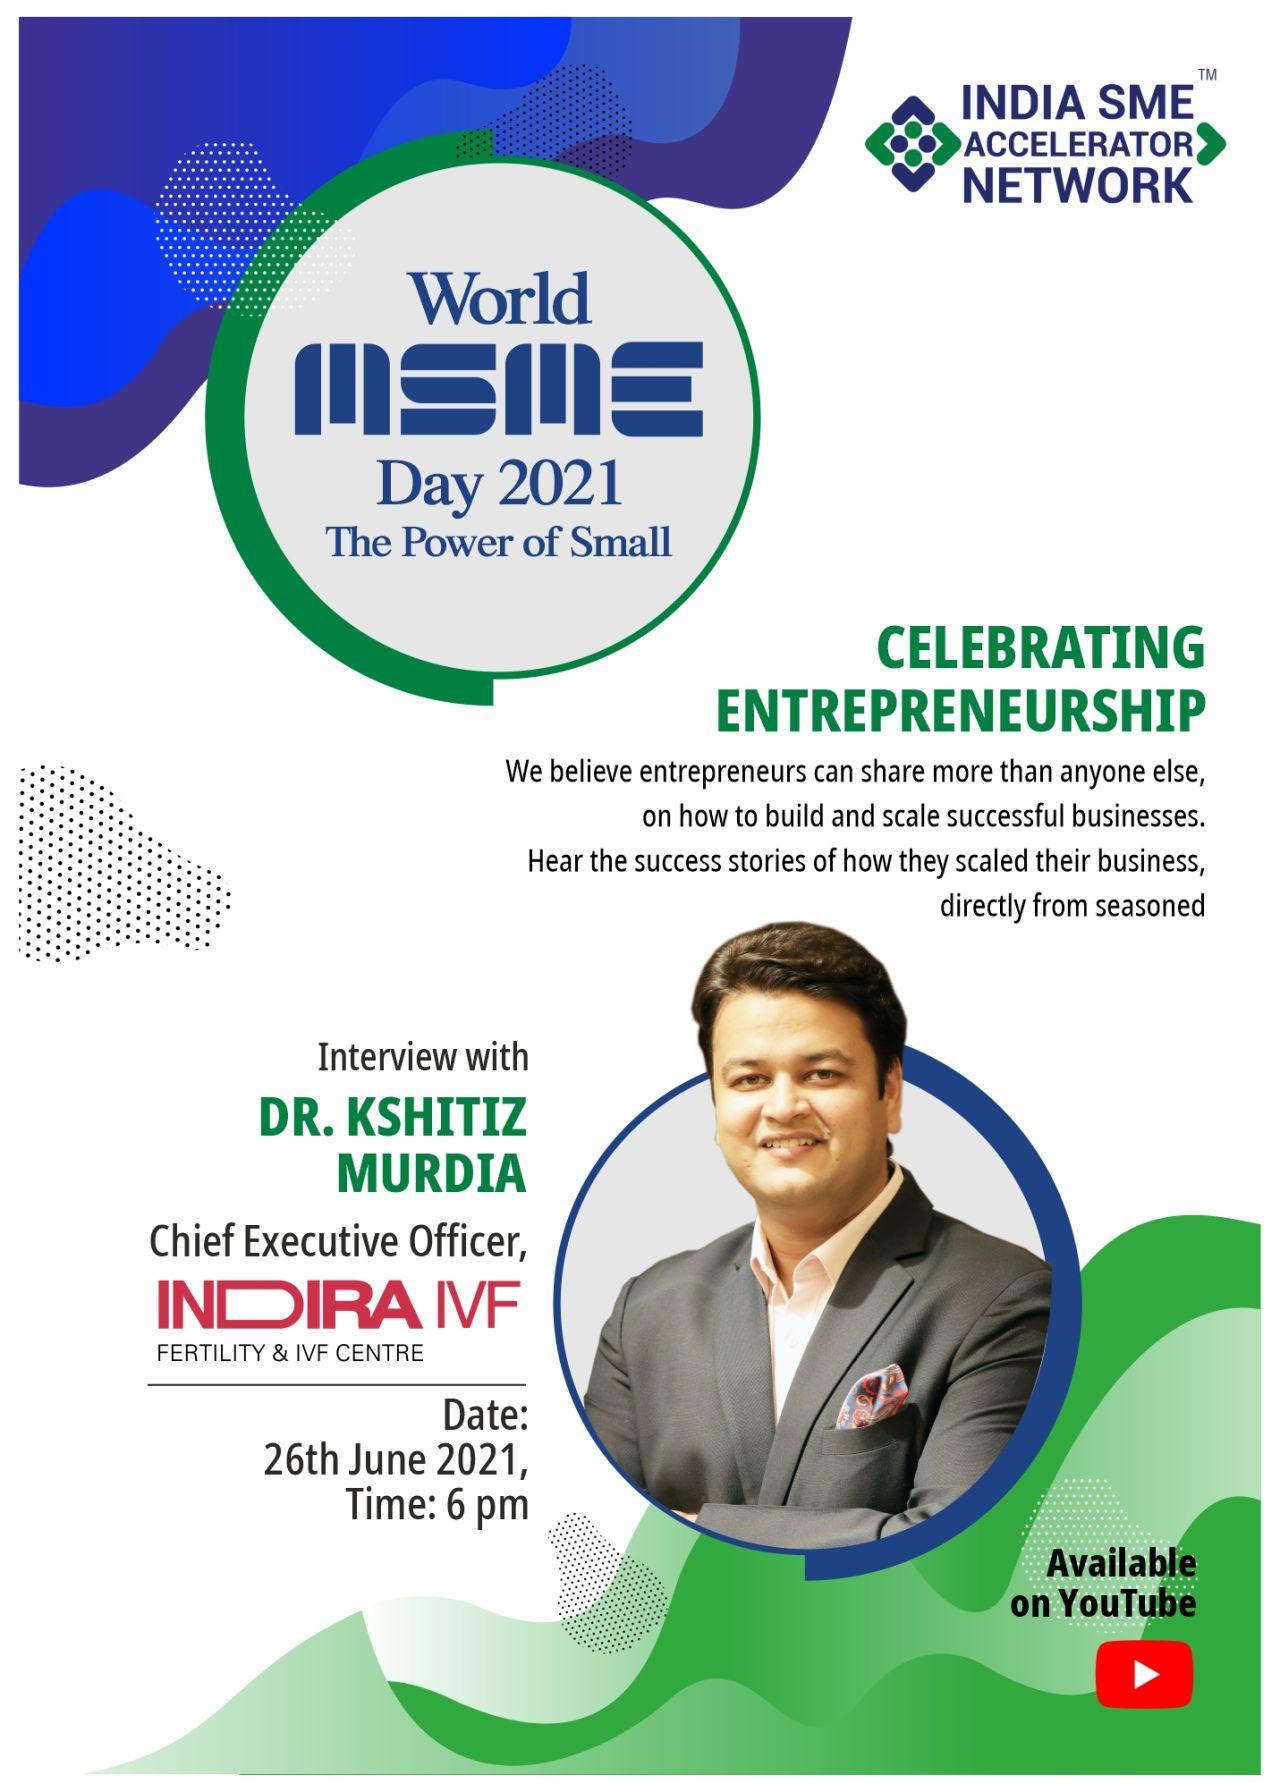 Entrepreneur Speak